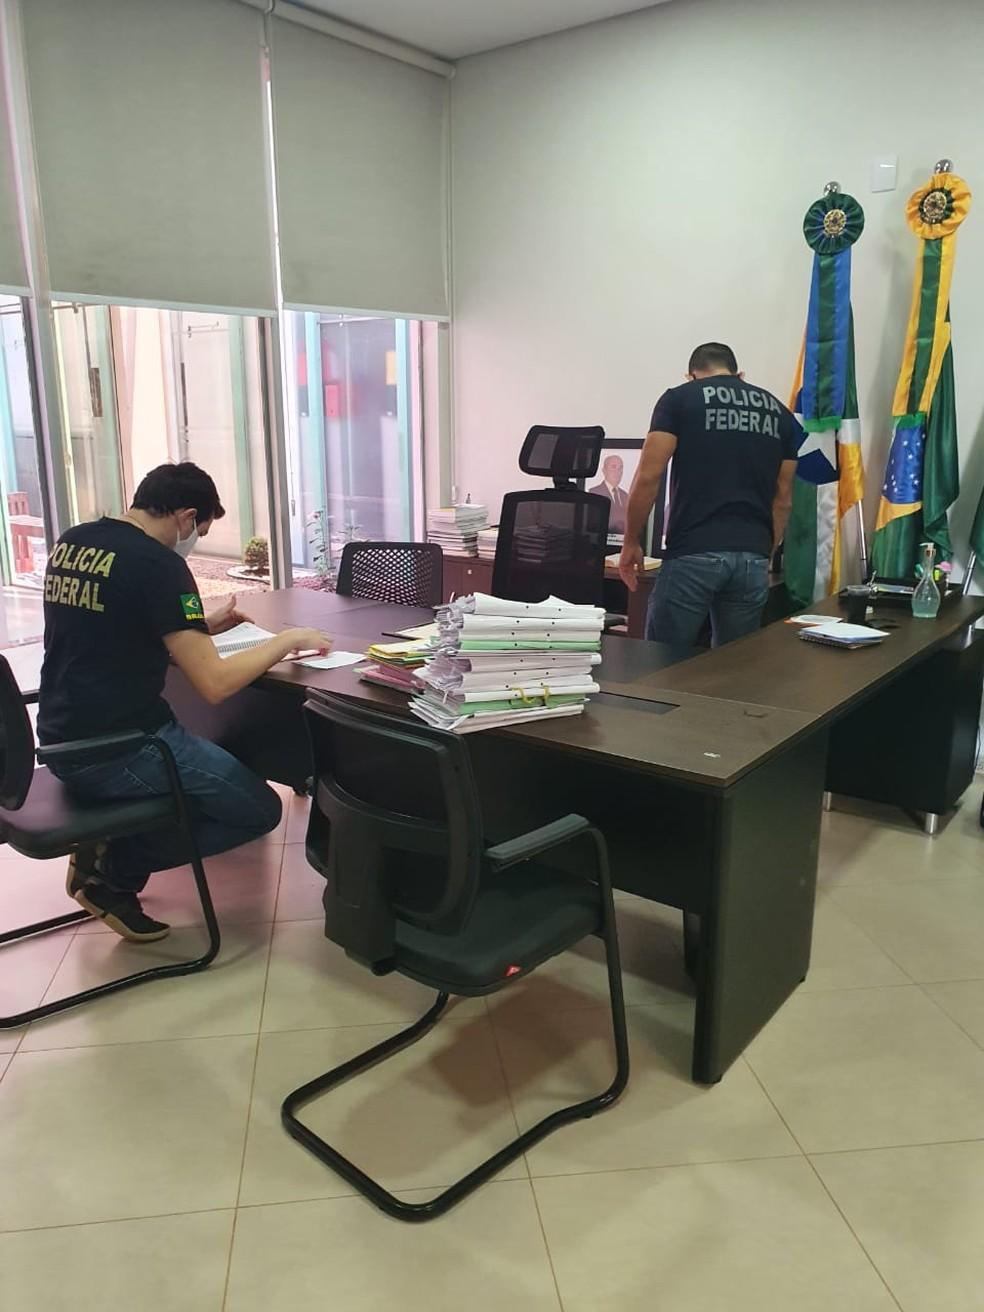 Prefeitos de Rolim de Moura, Cacoal, Ji-Paraná e São Francisco são presos em operação da PF